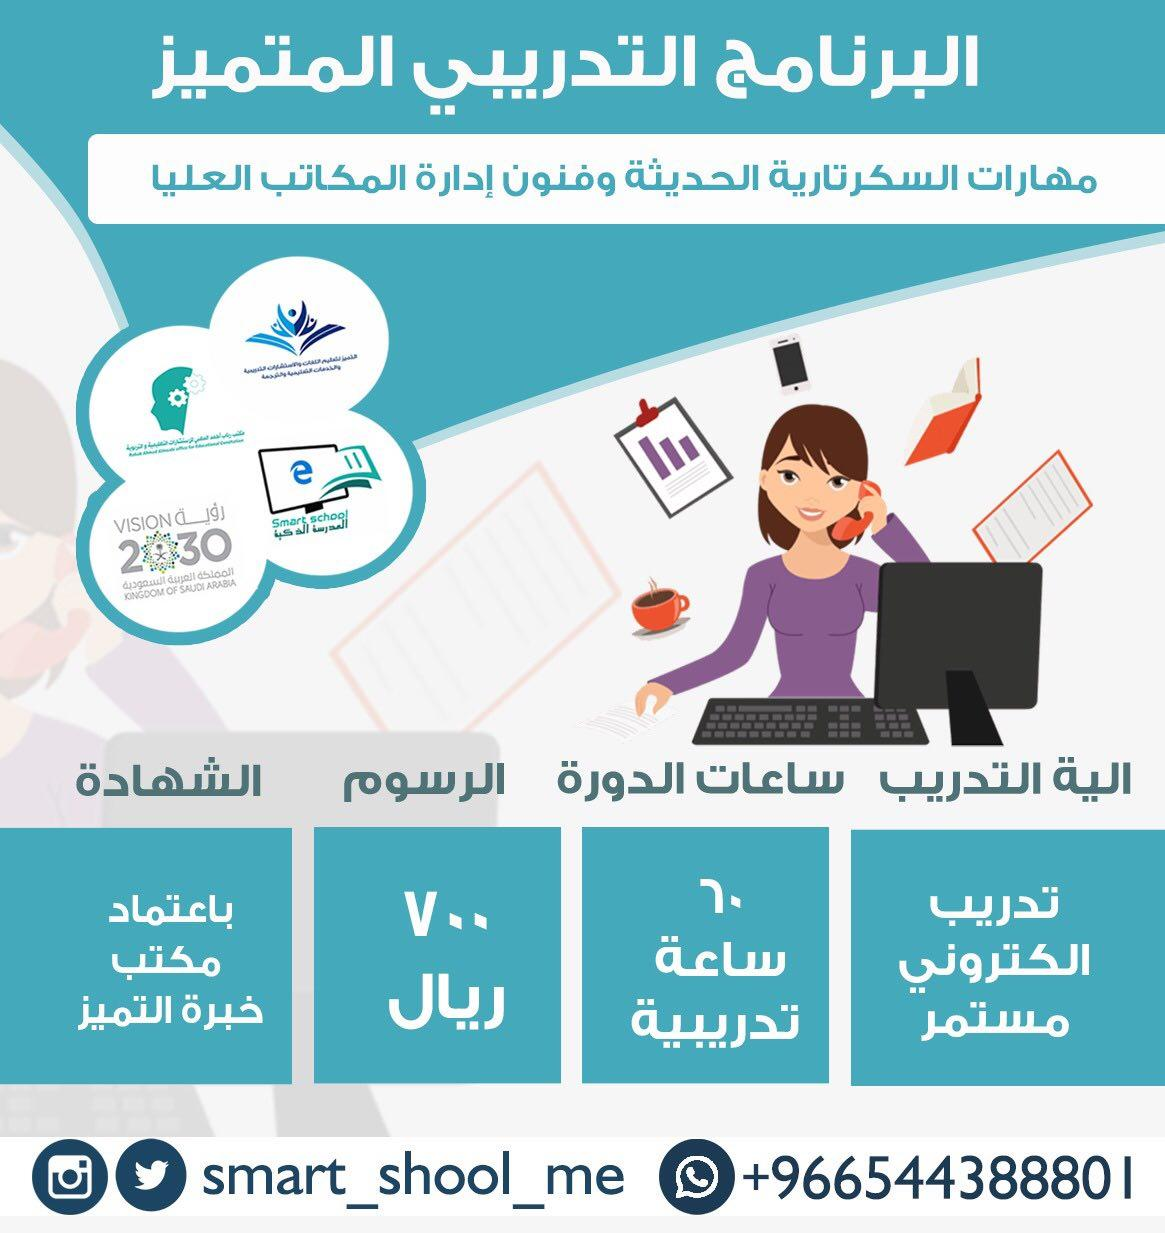 البرنامج التدريبي المتميز (مهارات السكرتارية